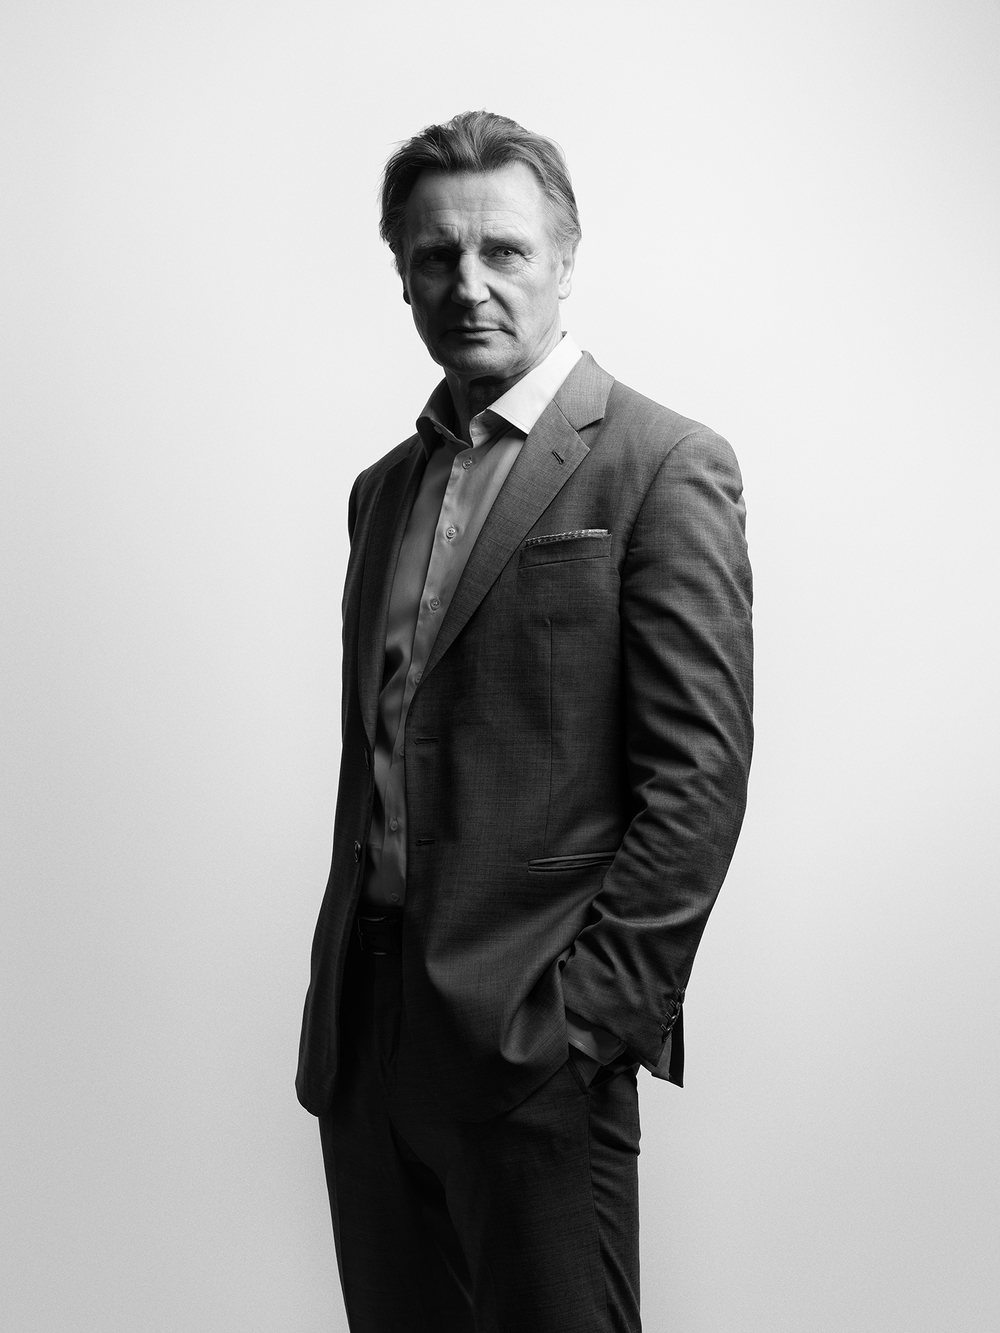 Liam Neeson –Actor